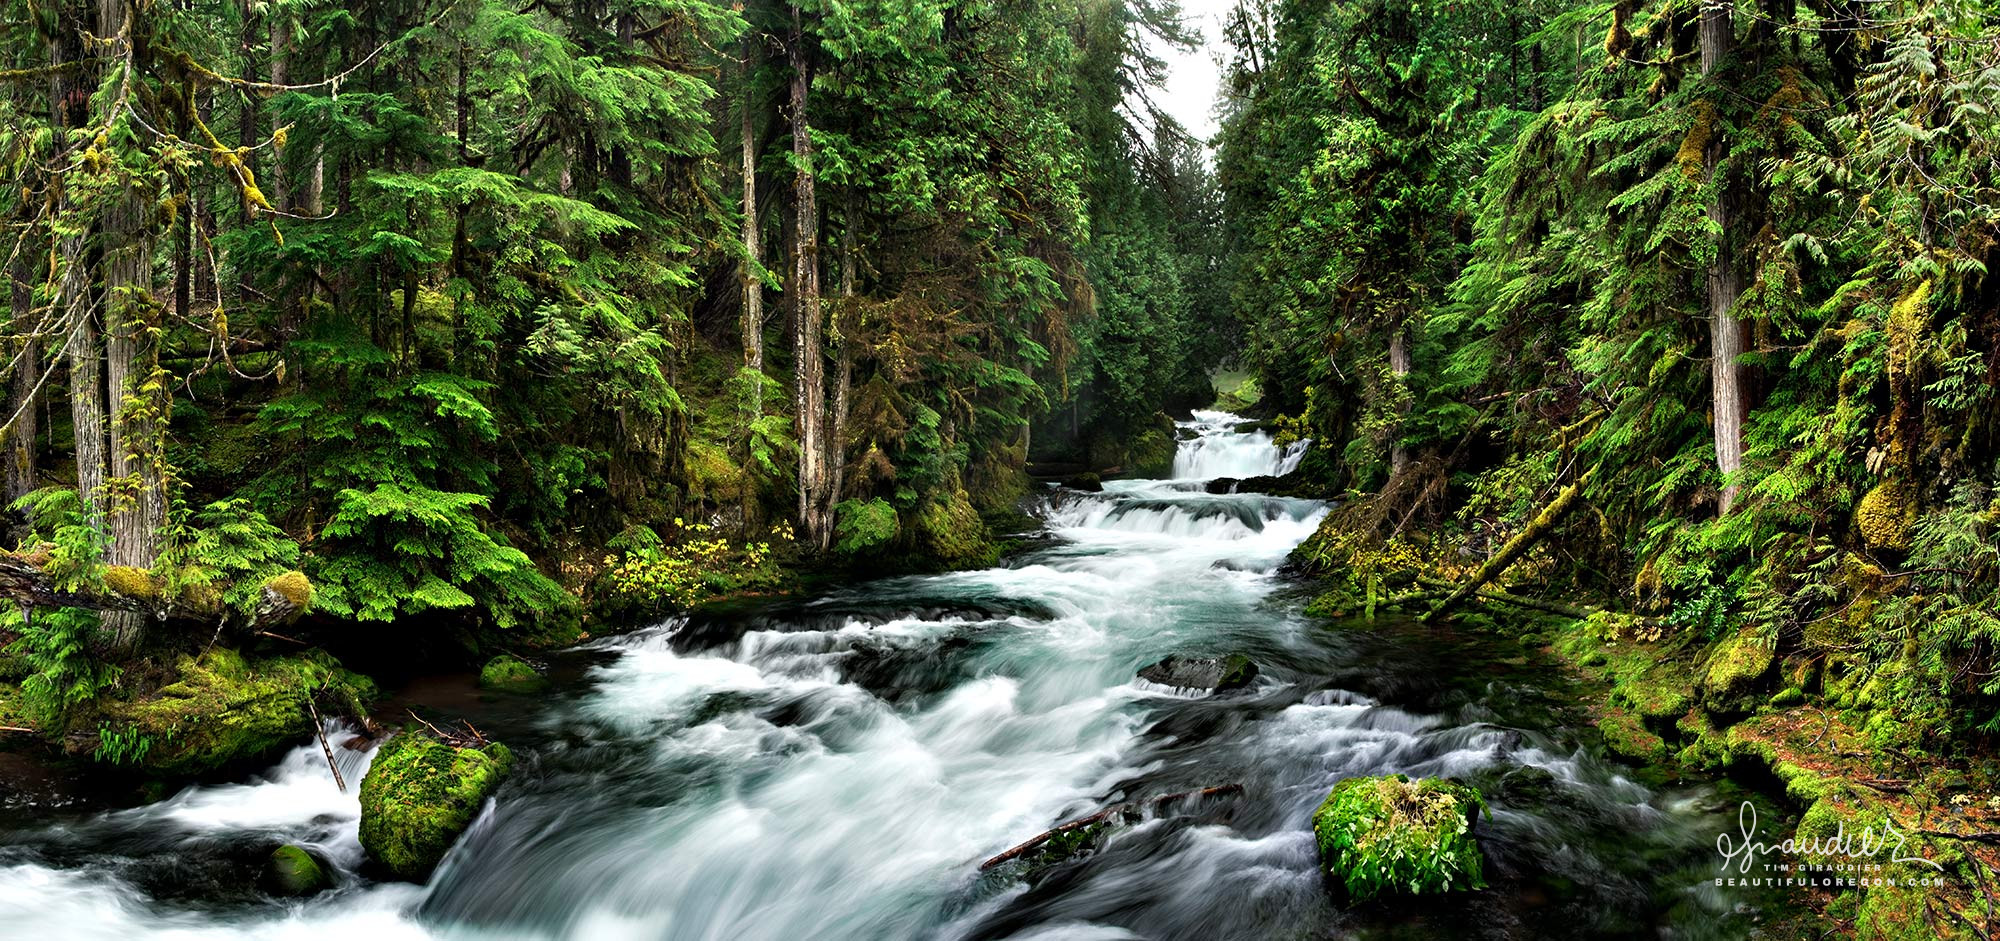 McKenzie River Oregon Cascades